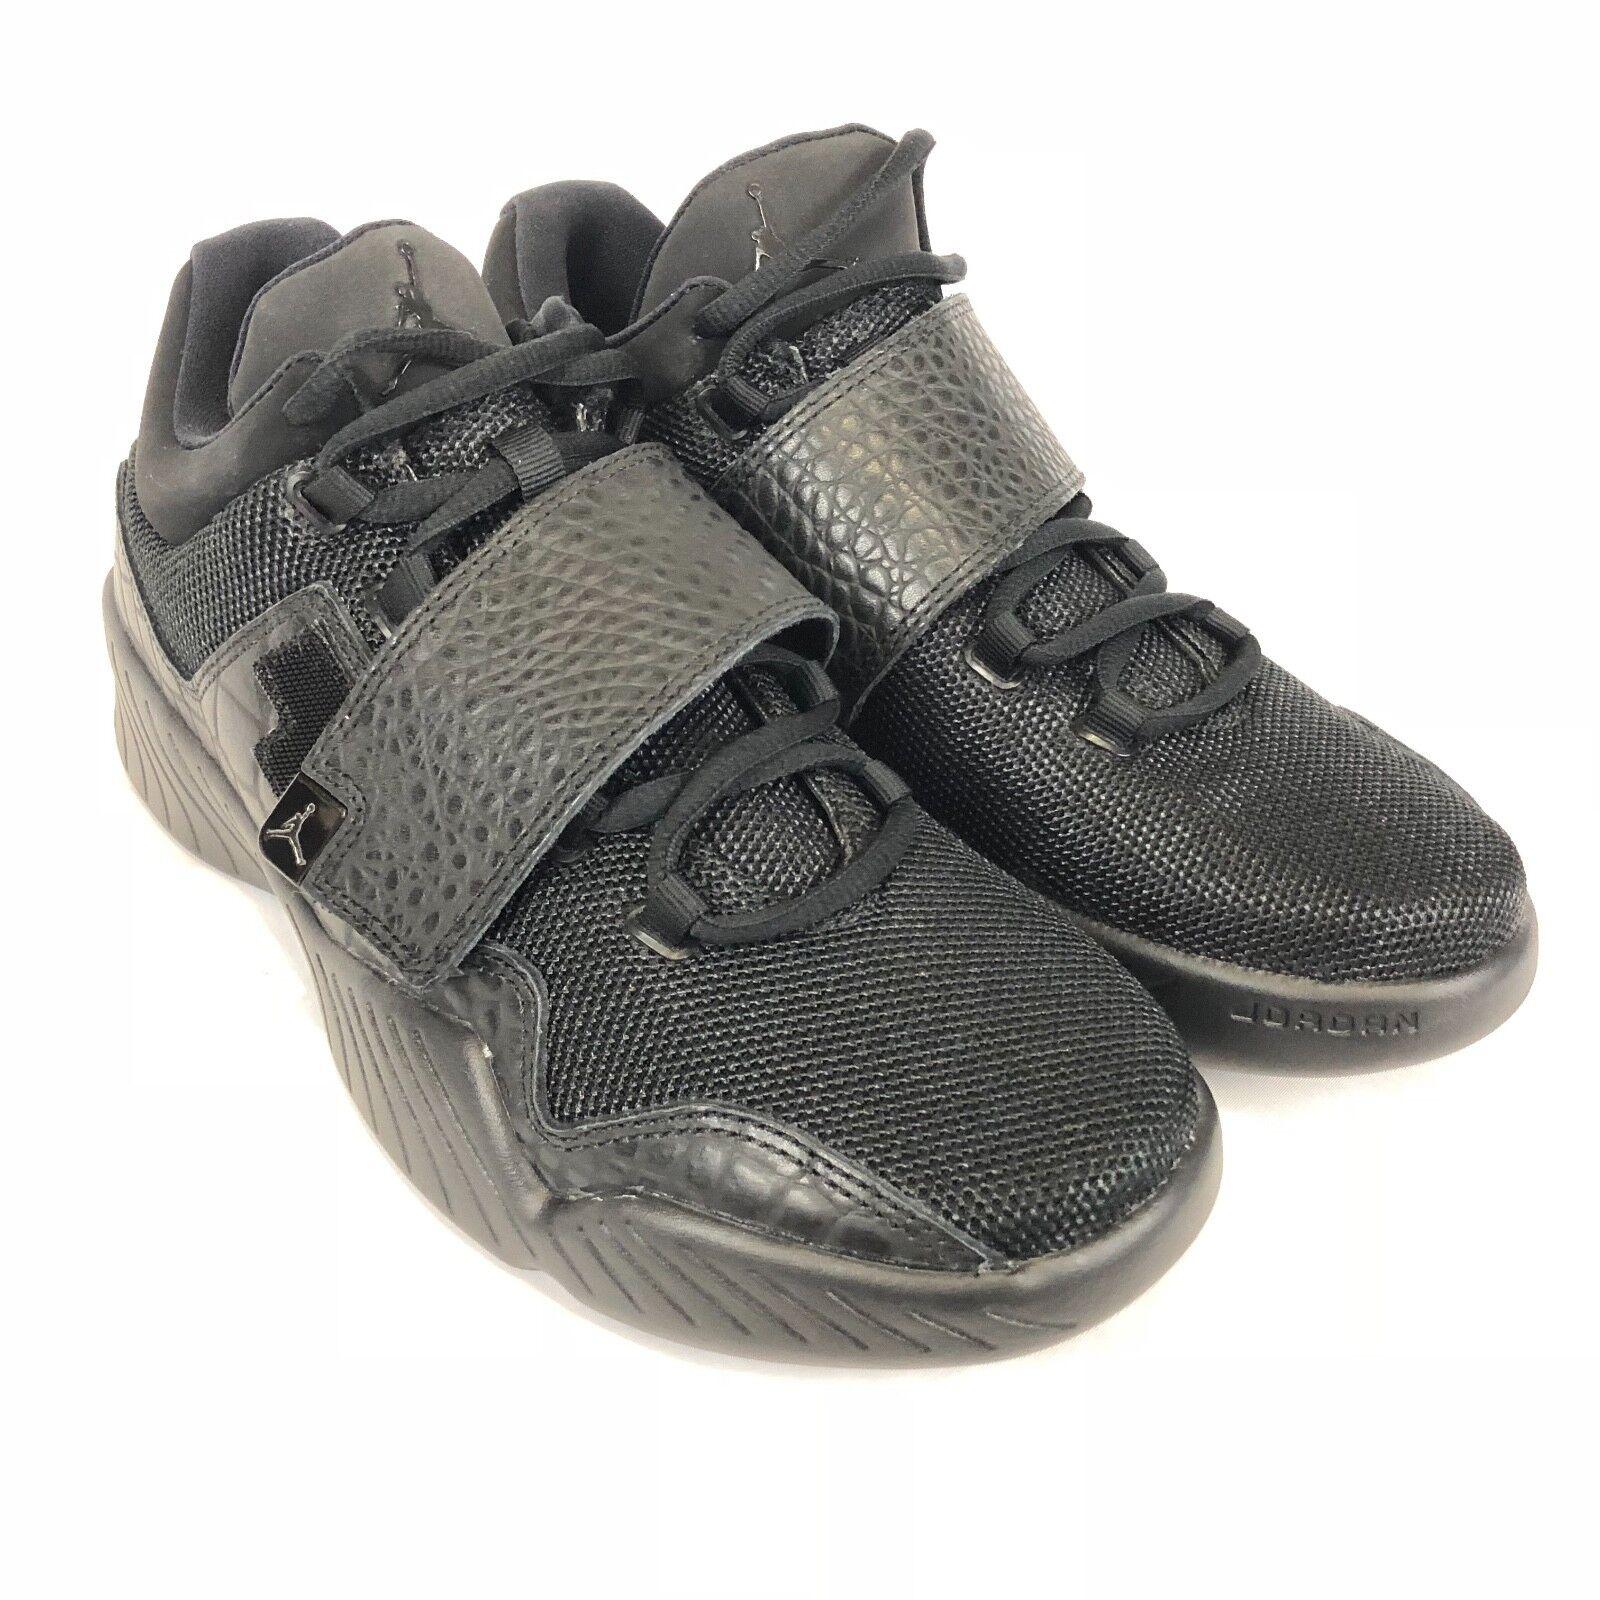 Air Jordan Mens J23 Sneakers Shoes Basketball Black Antharacite Sz 8 854557-011